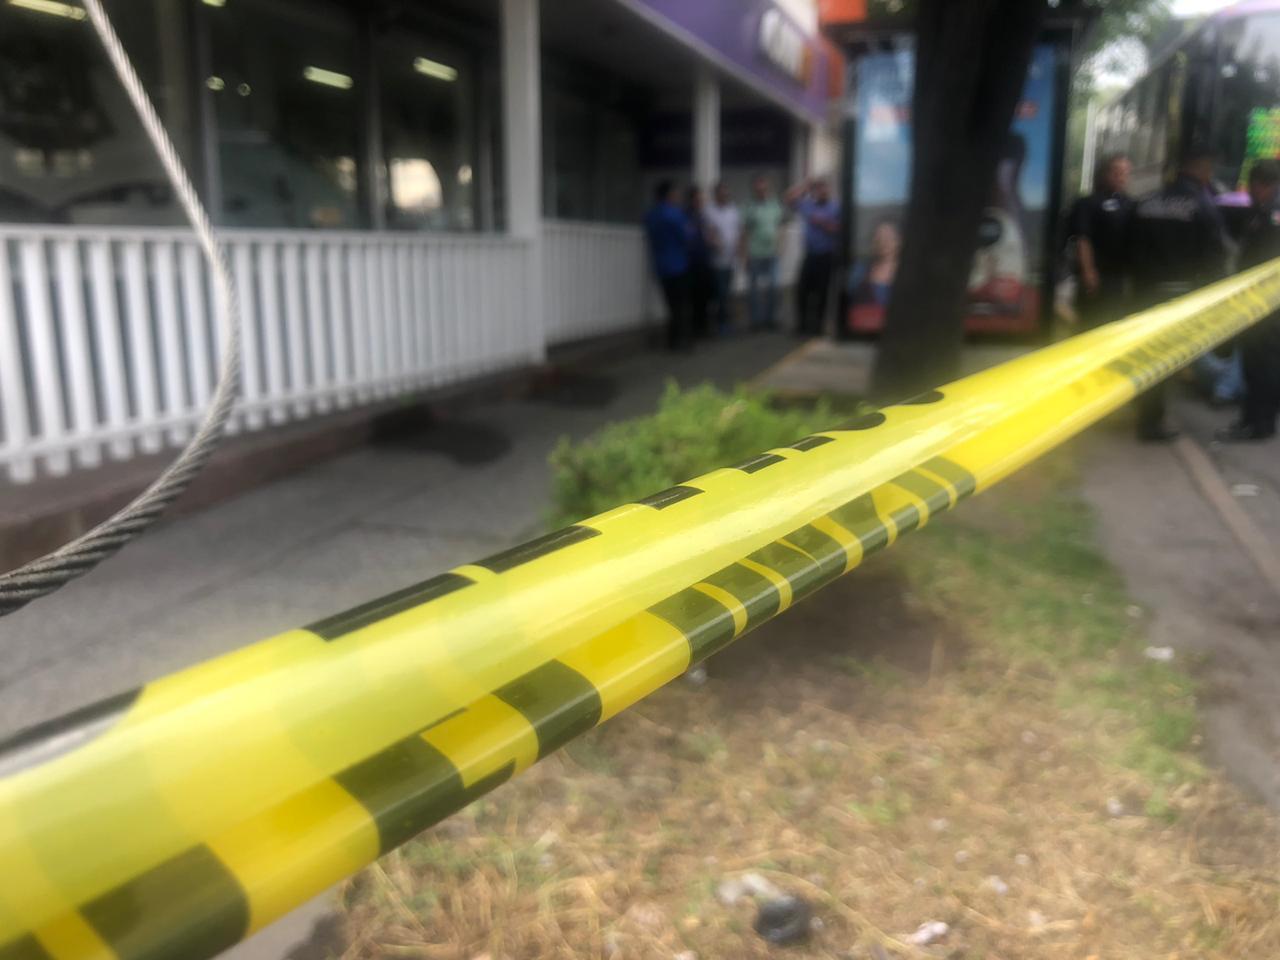 Aspectos del transporte público que fue asaltado en Naucalpan, Estado de México. (Alan G. Hernández/FOROtv)